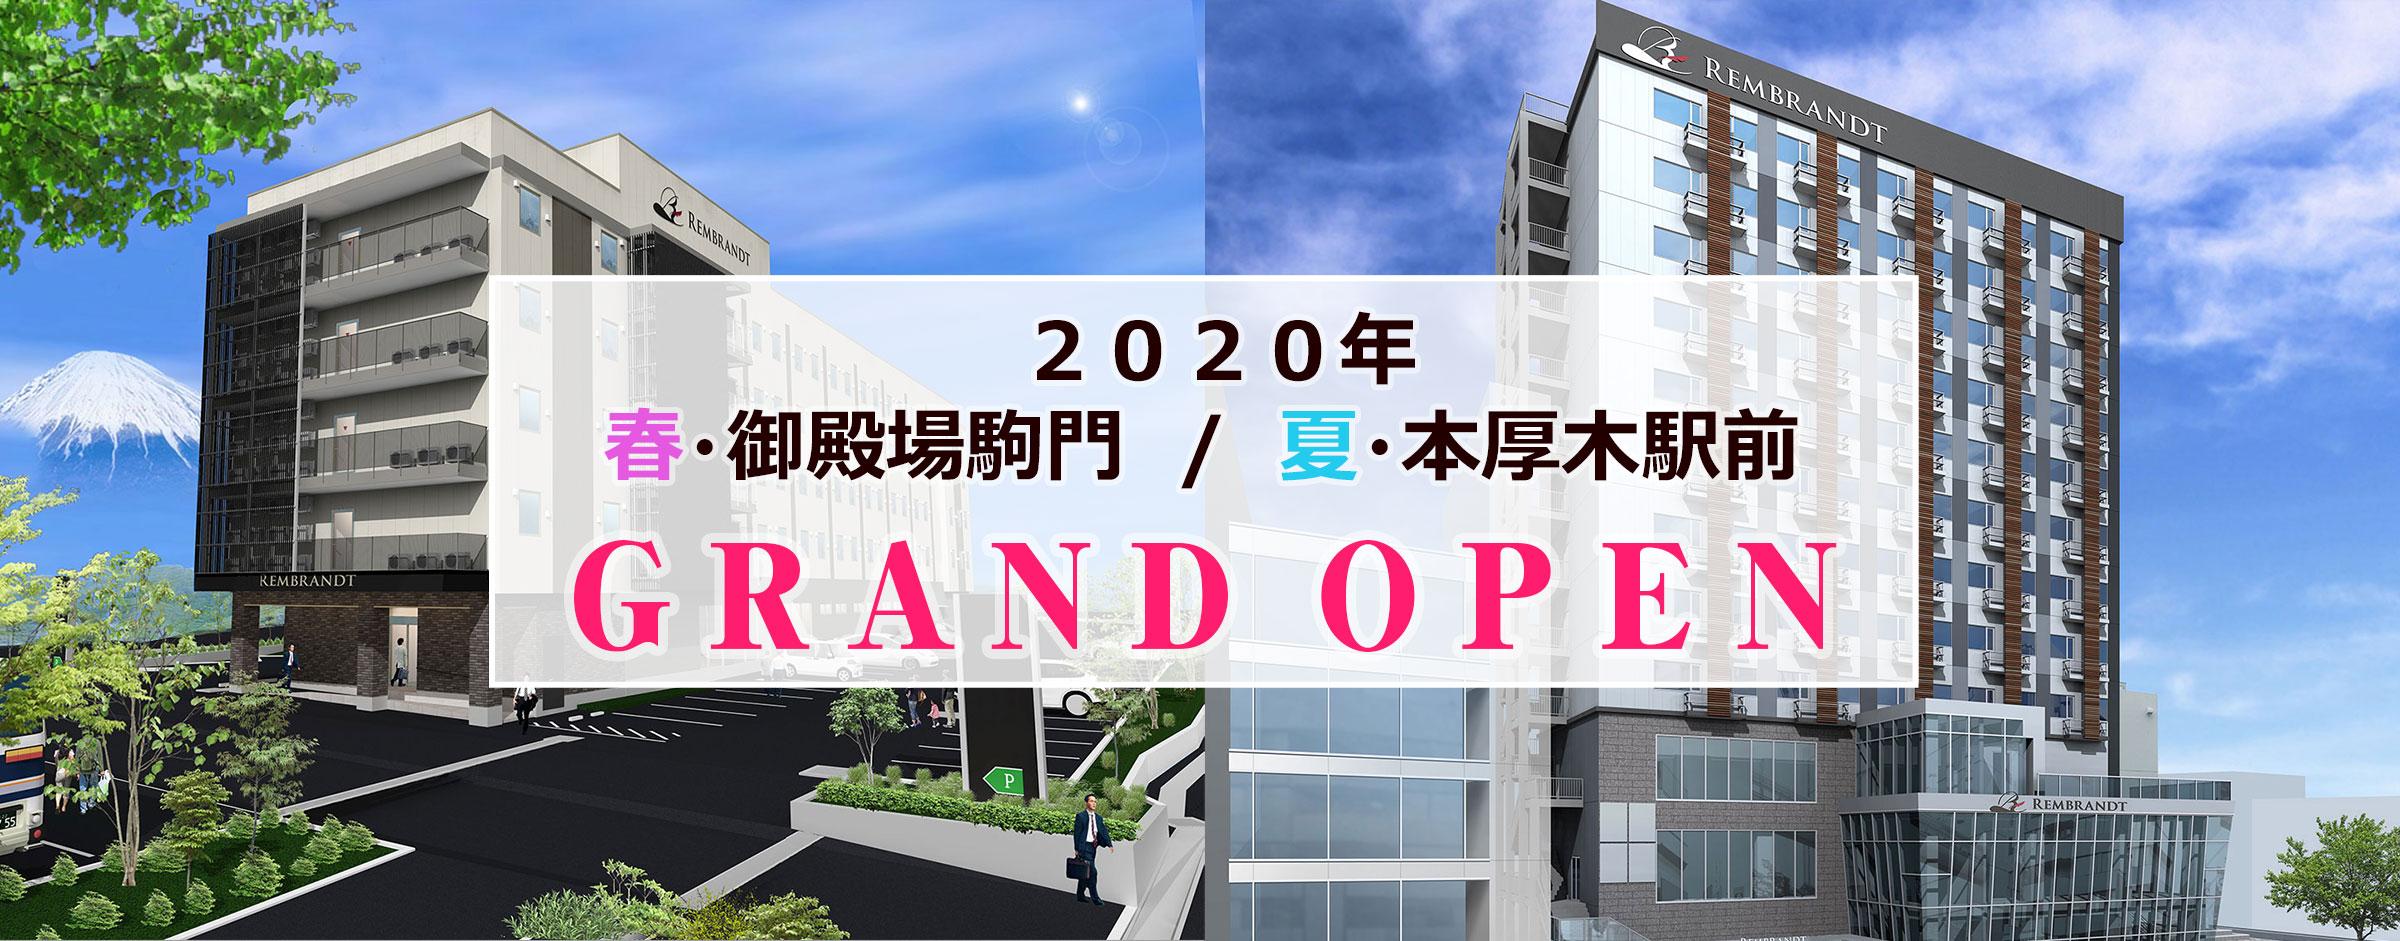 2020年 春・御殿場駒門 夏・本厚木駅前 GRAND OPEN